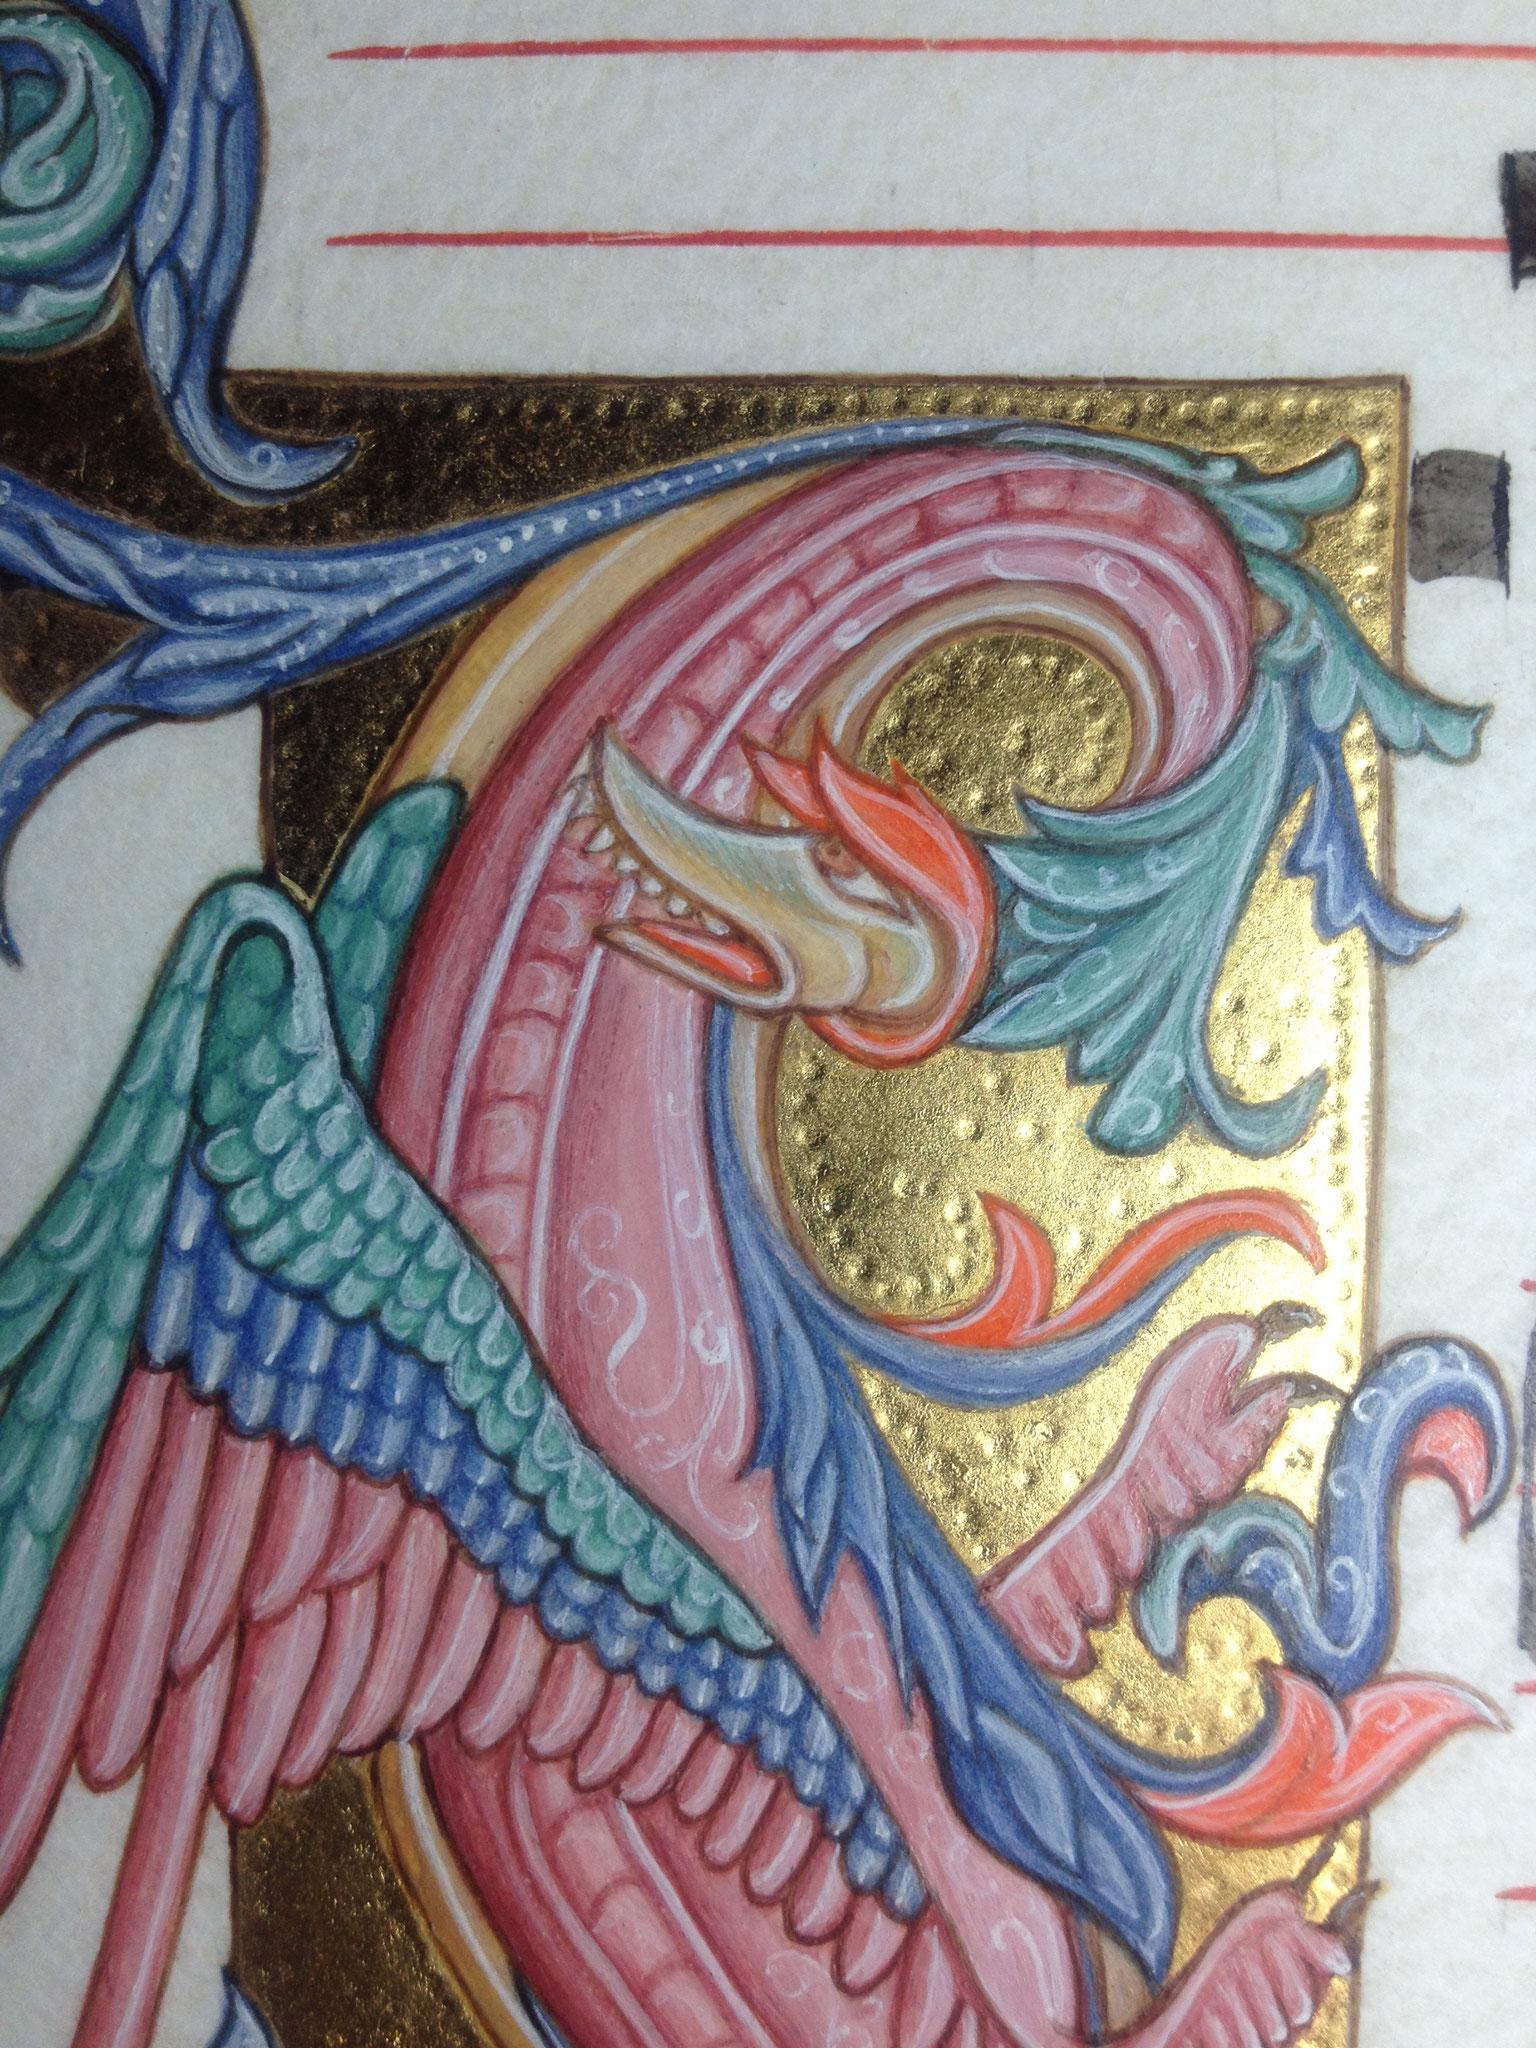 Enluminure traditionnelle, parchemin, feuille d'or poinçonnée et pigments précieux. Création Martine Saussure-Young